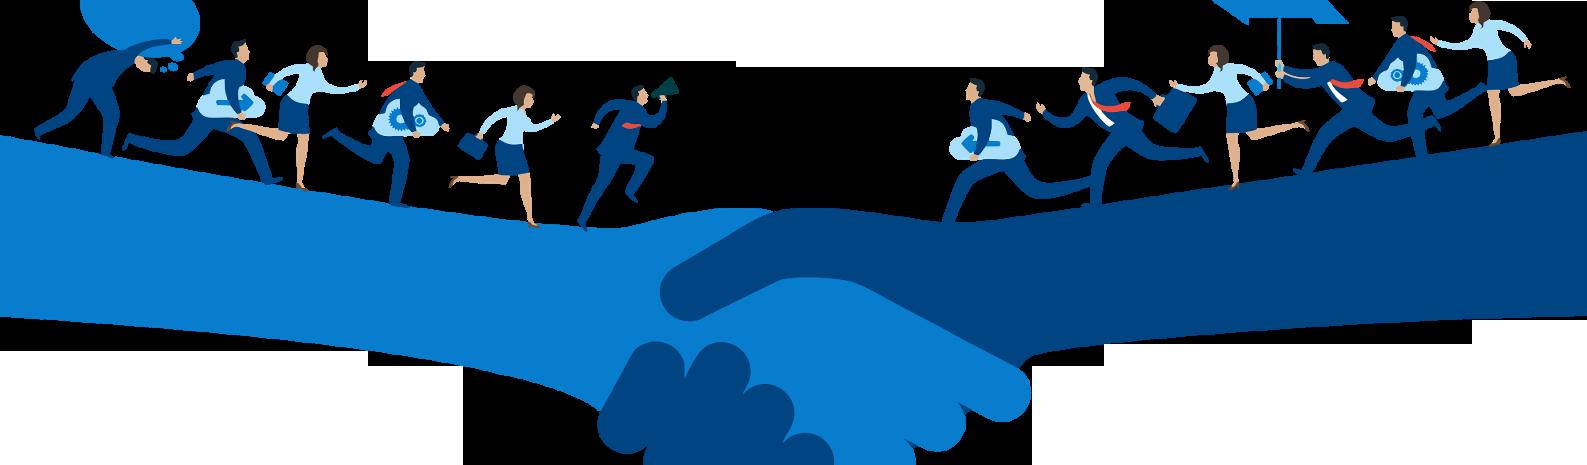 Réseaux d'affaires - Business Networking - Présence digitale